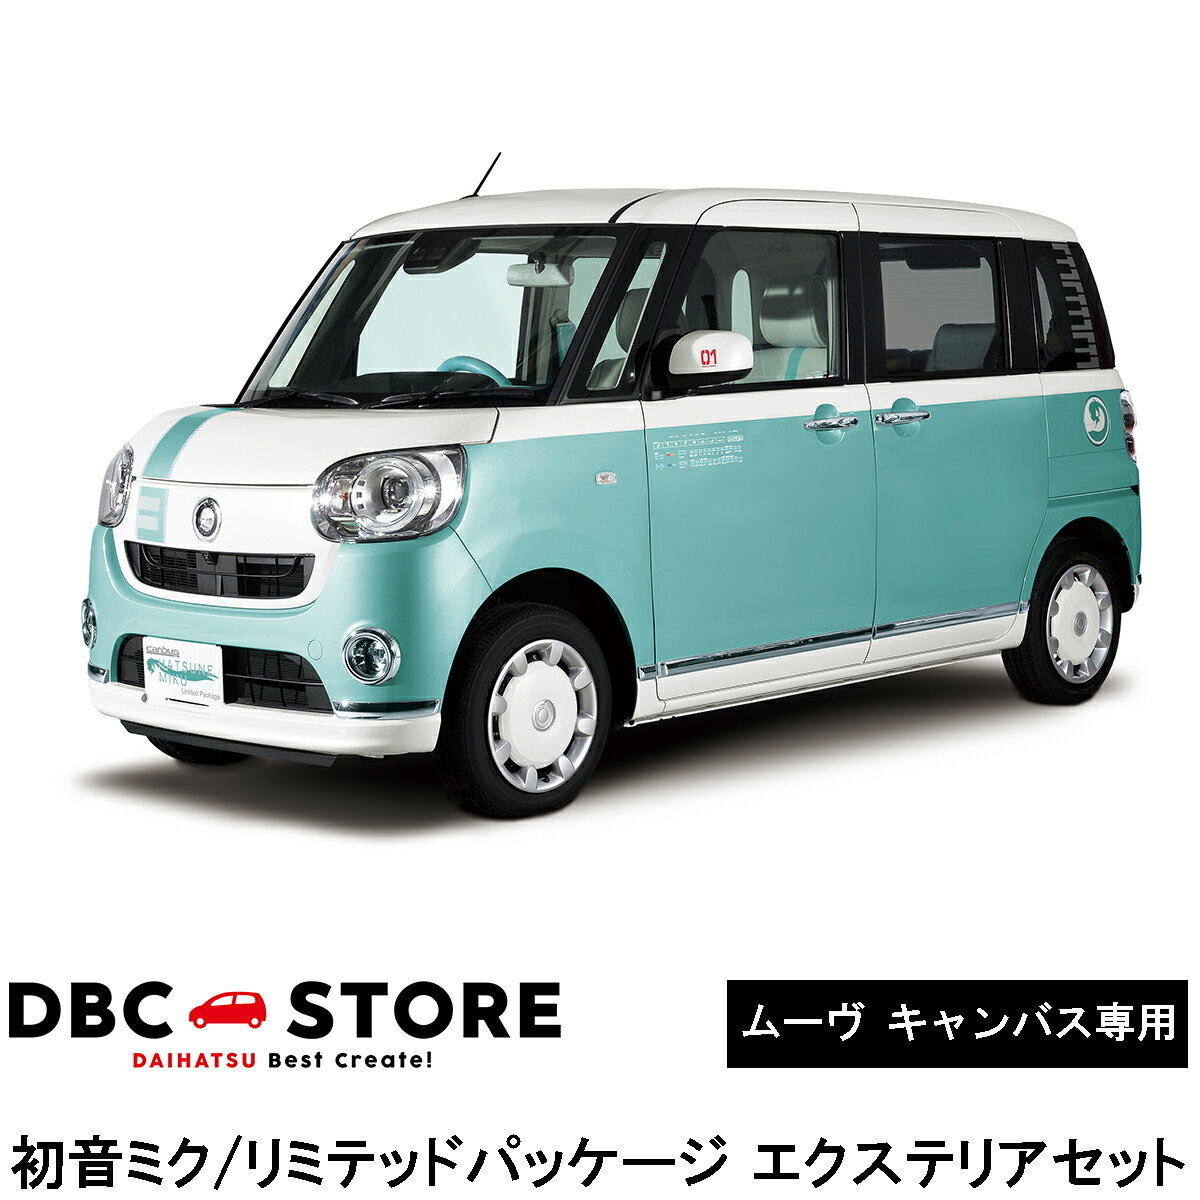 アクセサリー, その他  (MOVE CANBUS HATSUNE MIKU Limited Package) (6)